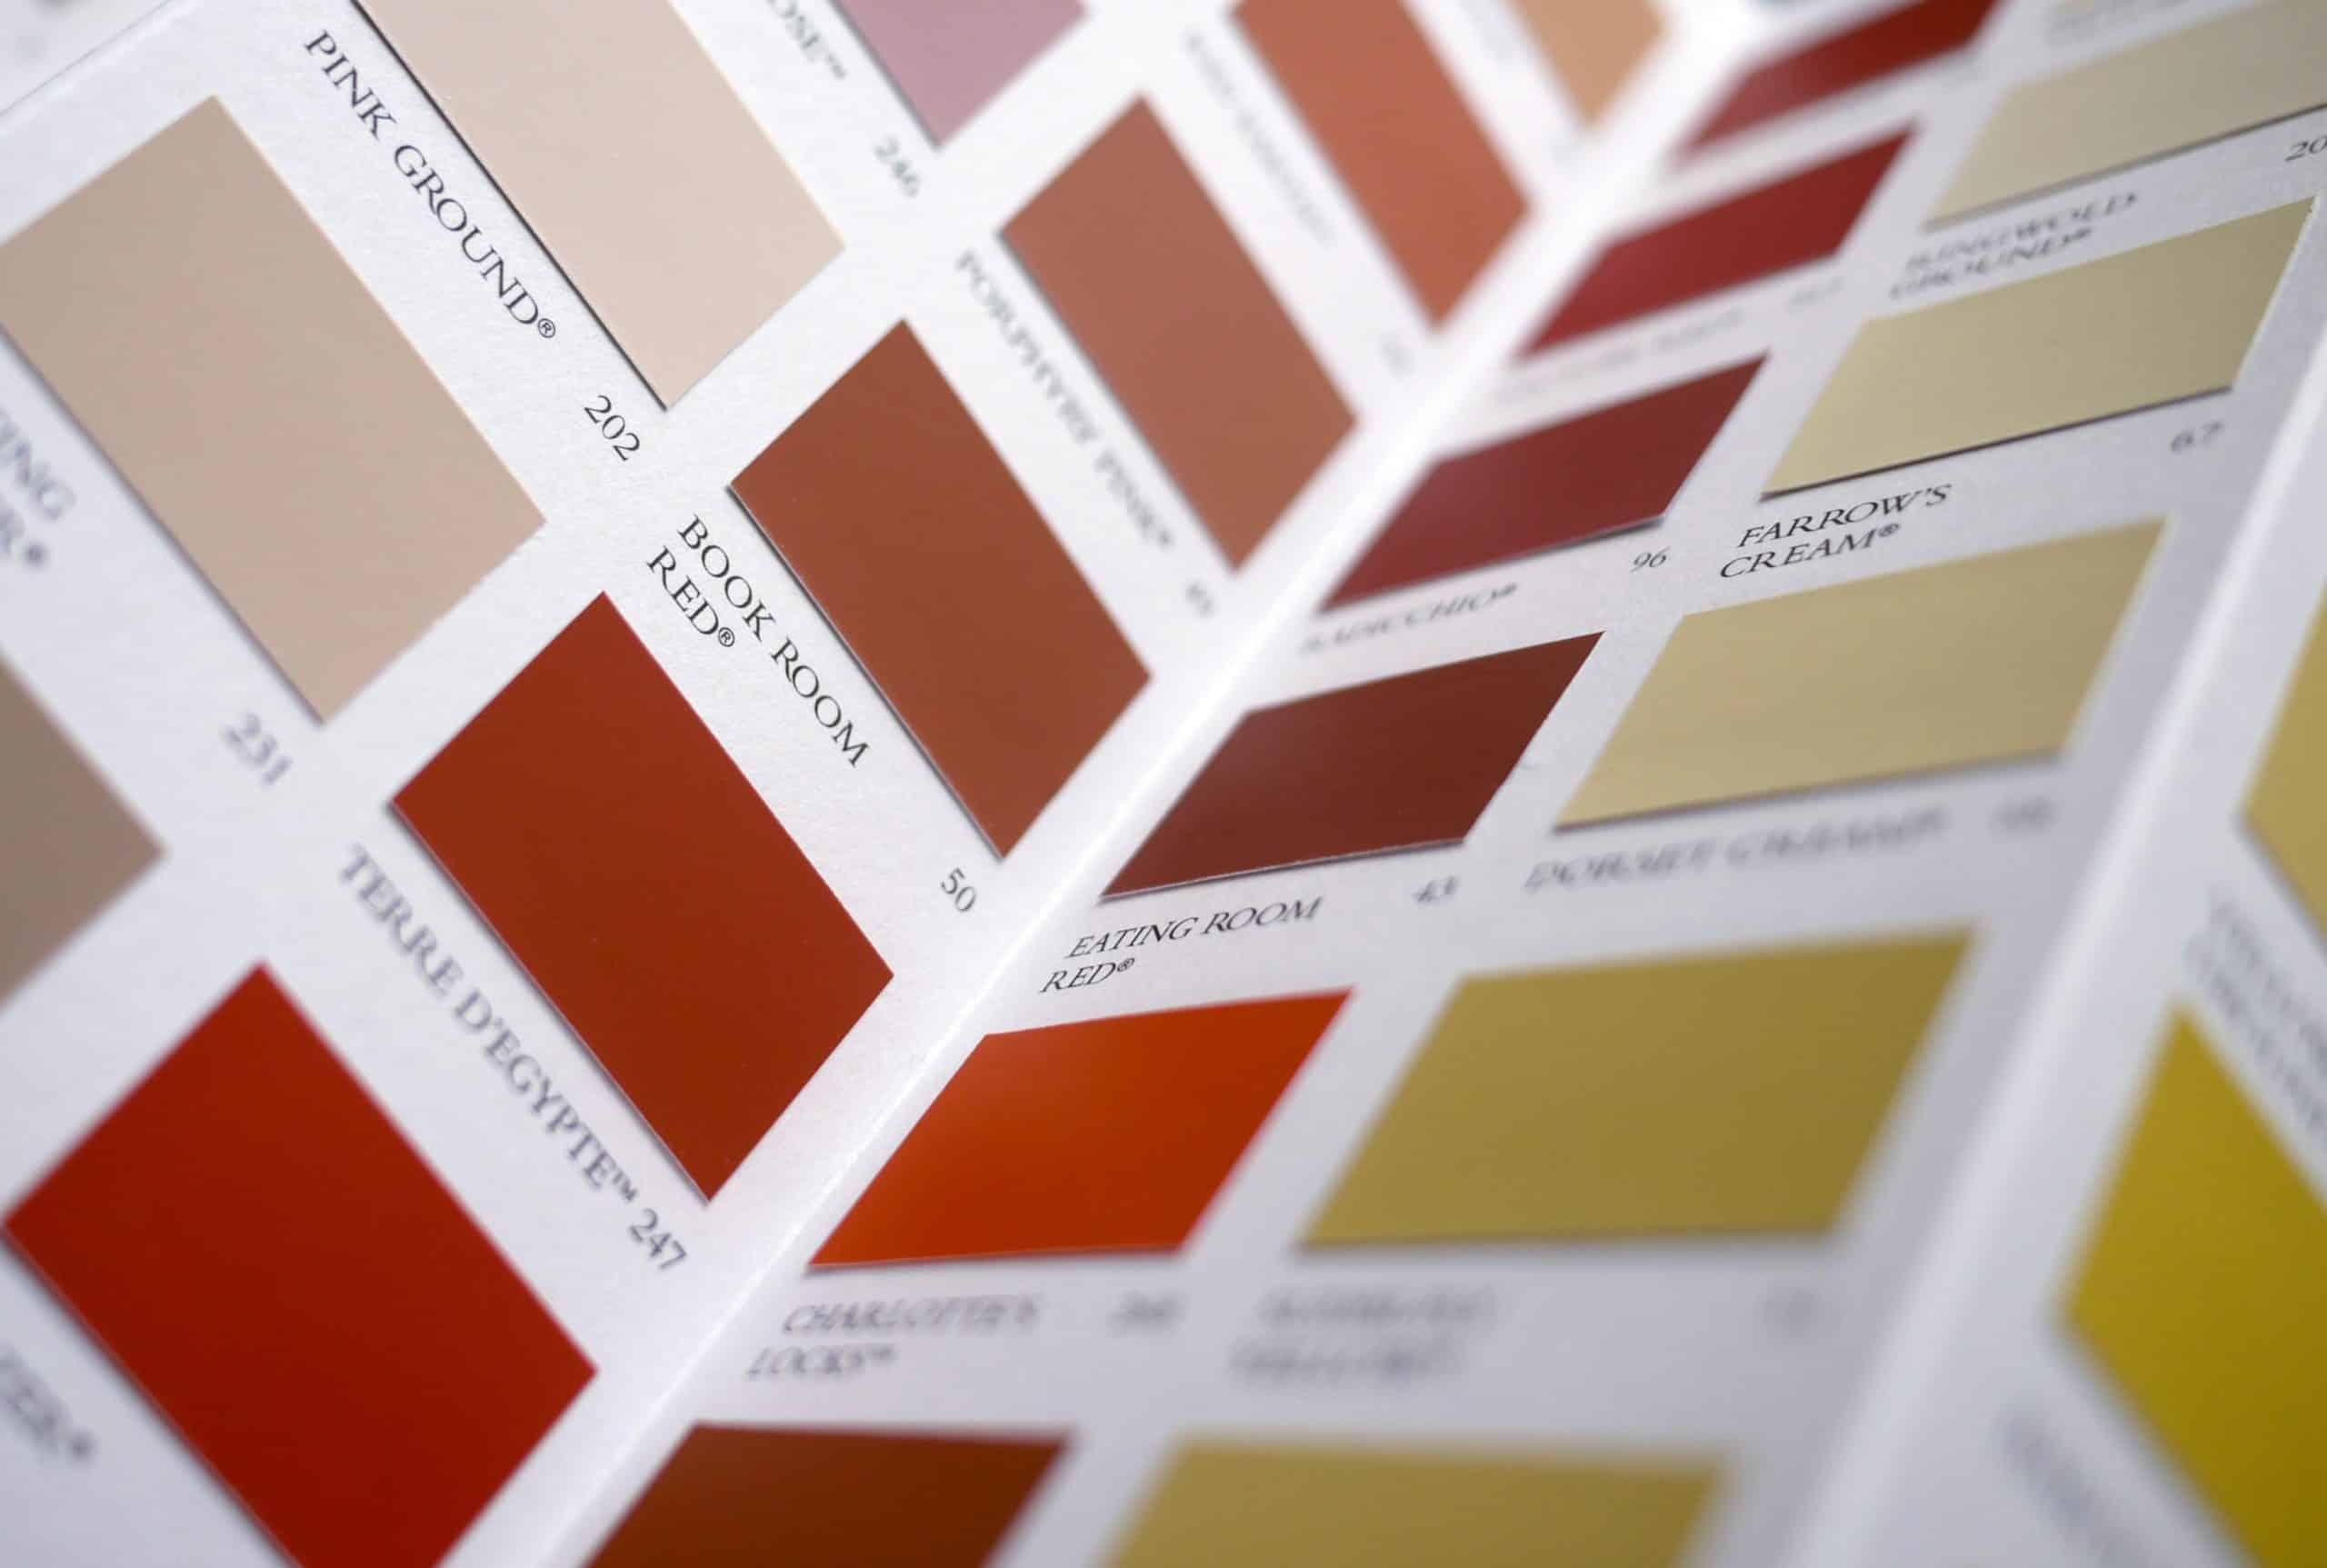 Farebná škála